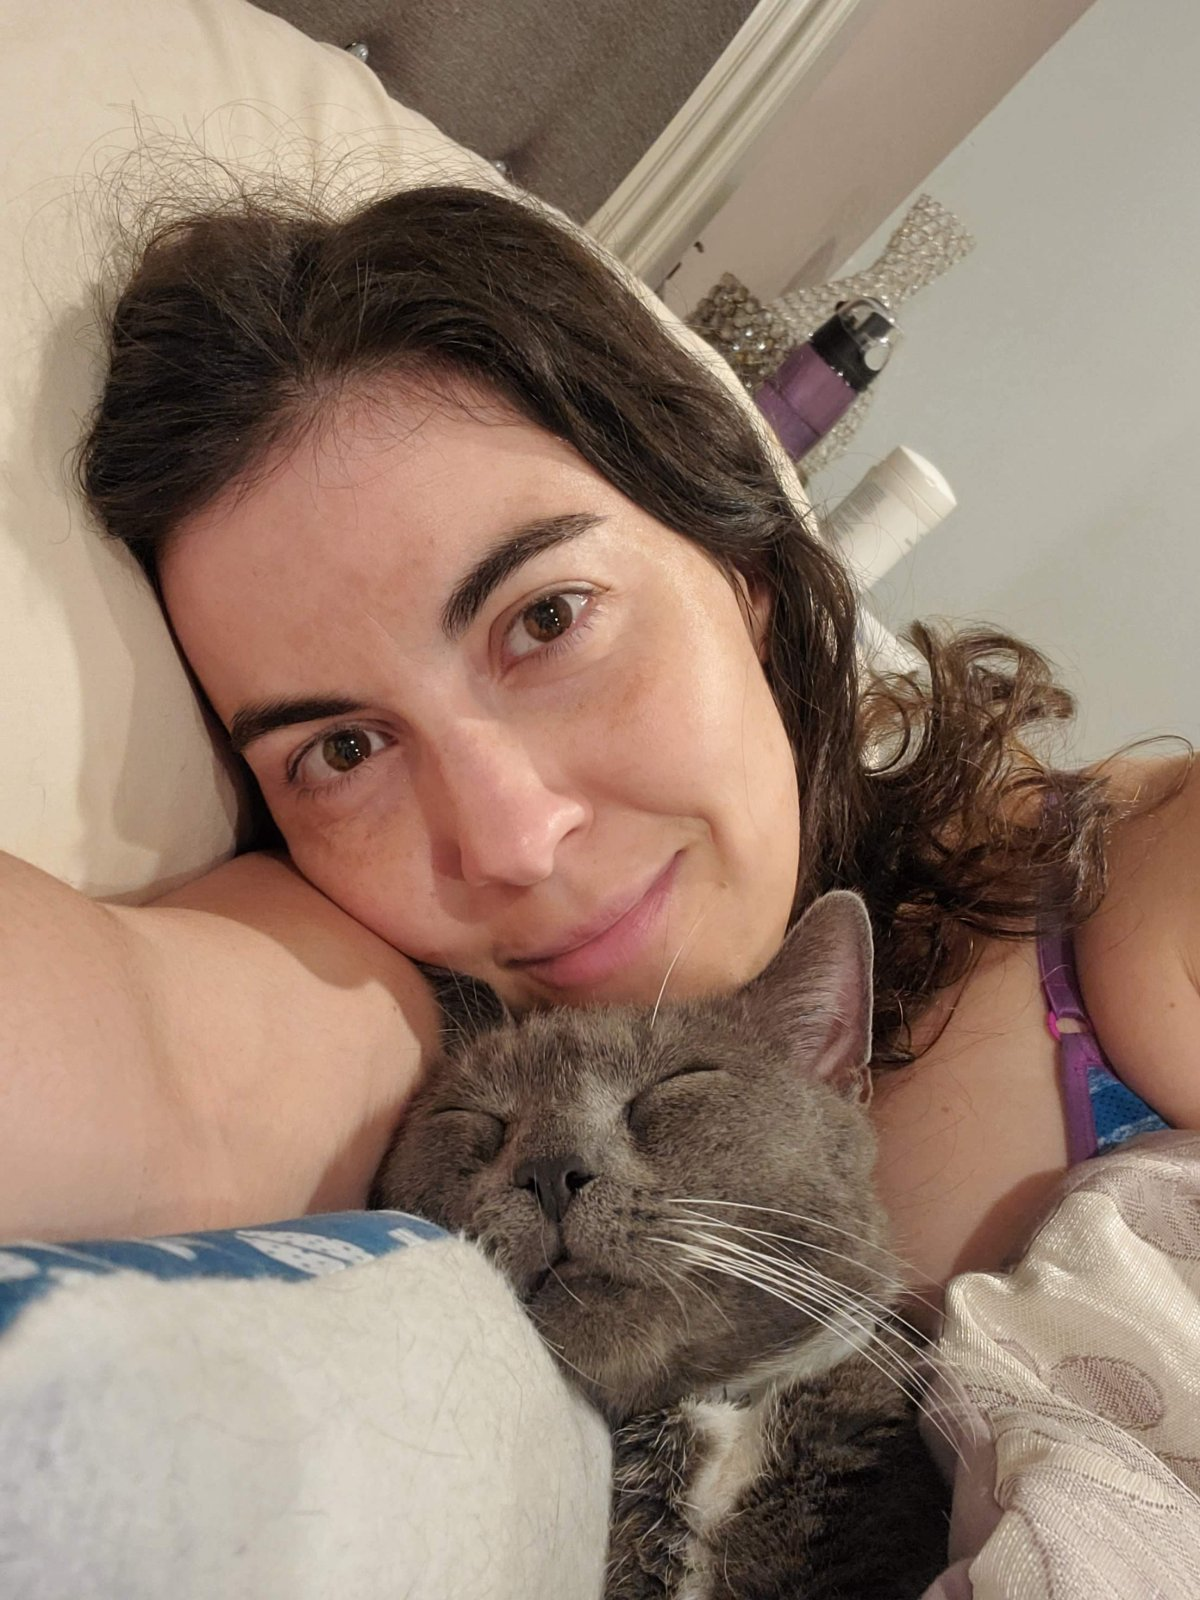 Woman cuddling grey cat